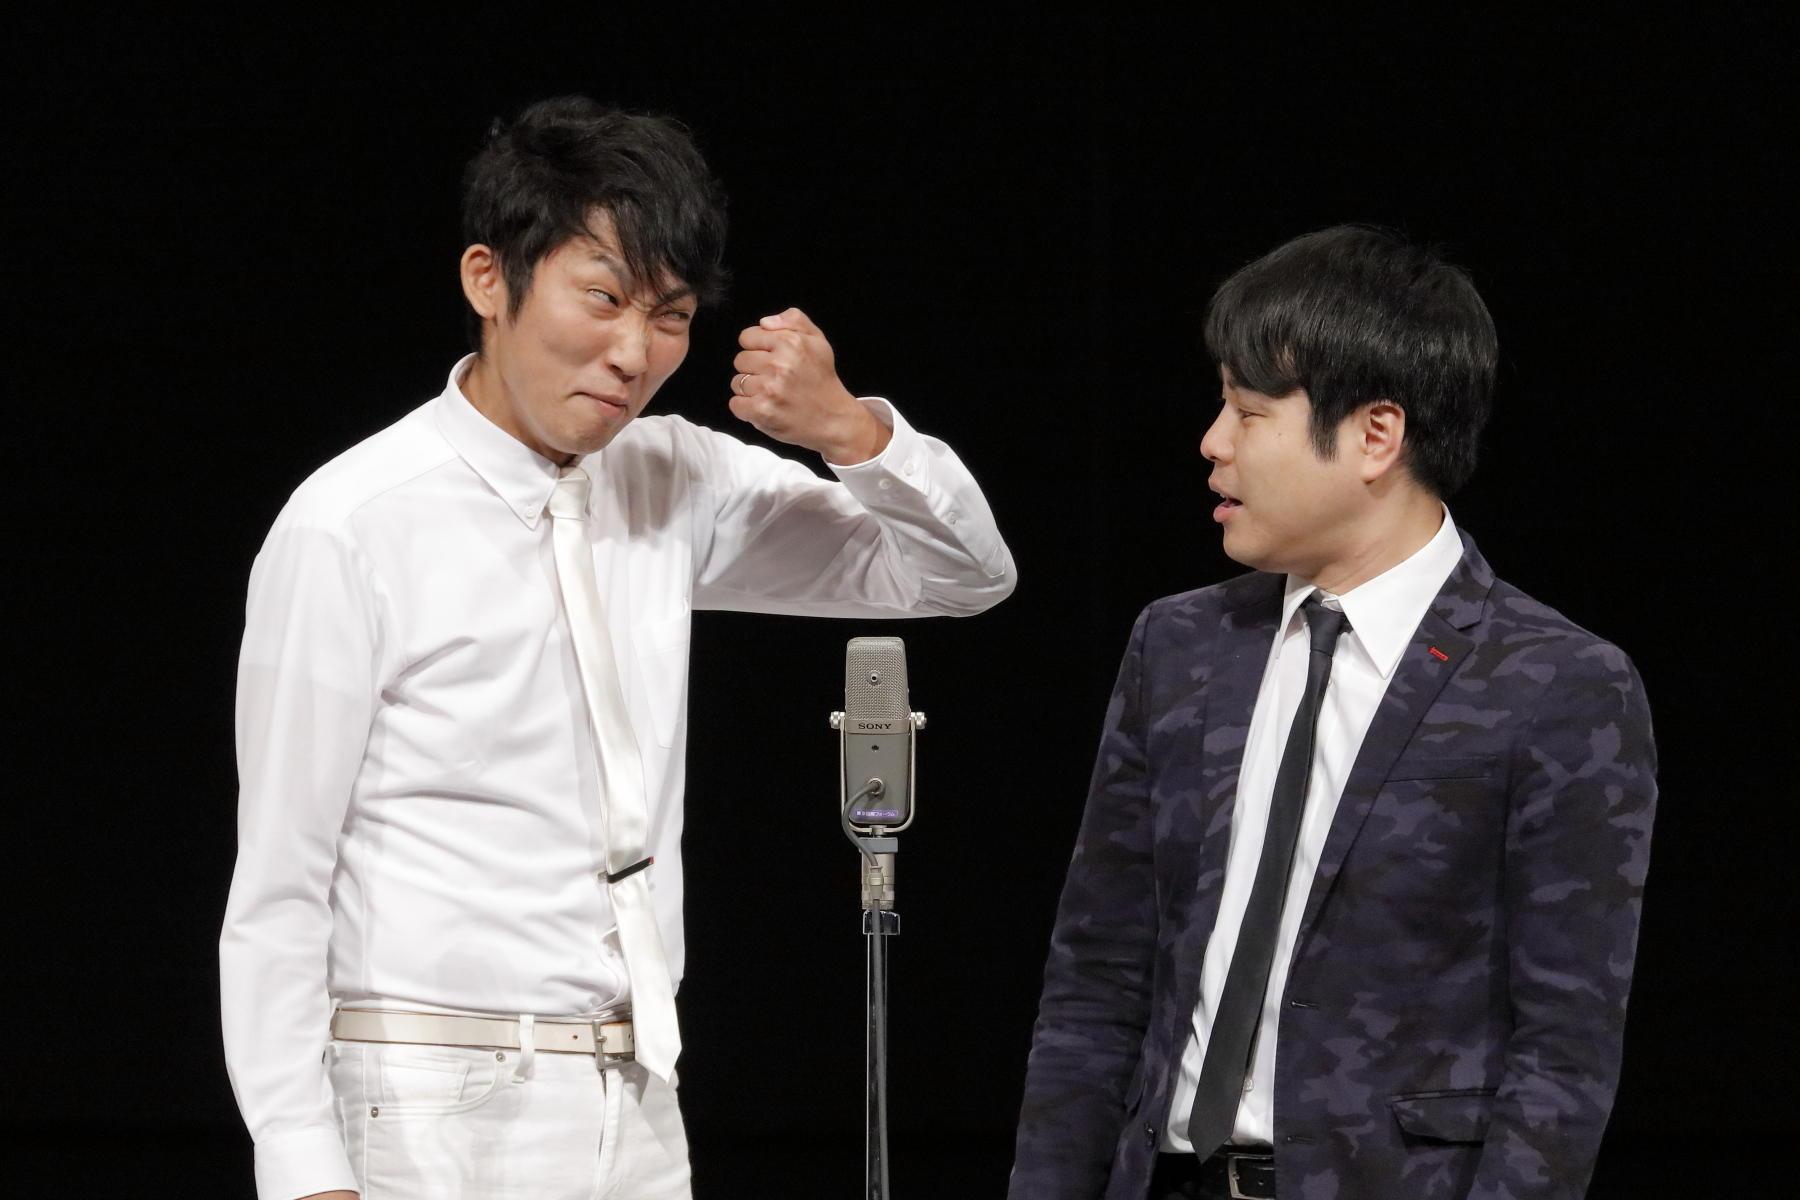 http://news.yoshimoto.co.jp/20171112123744-1c611aa7164fed617f50b1c6d911229eb7cd0780.jpg